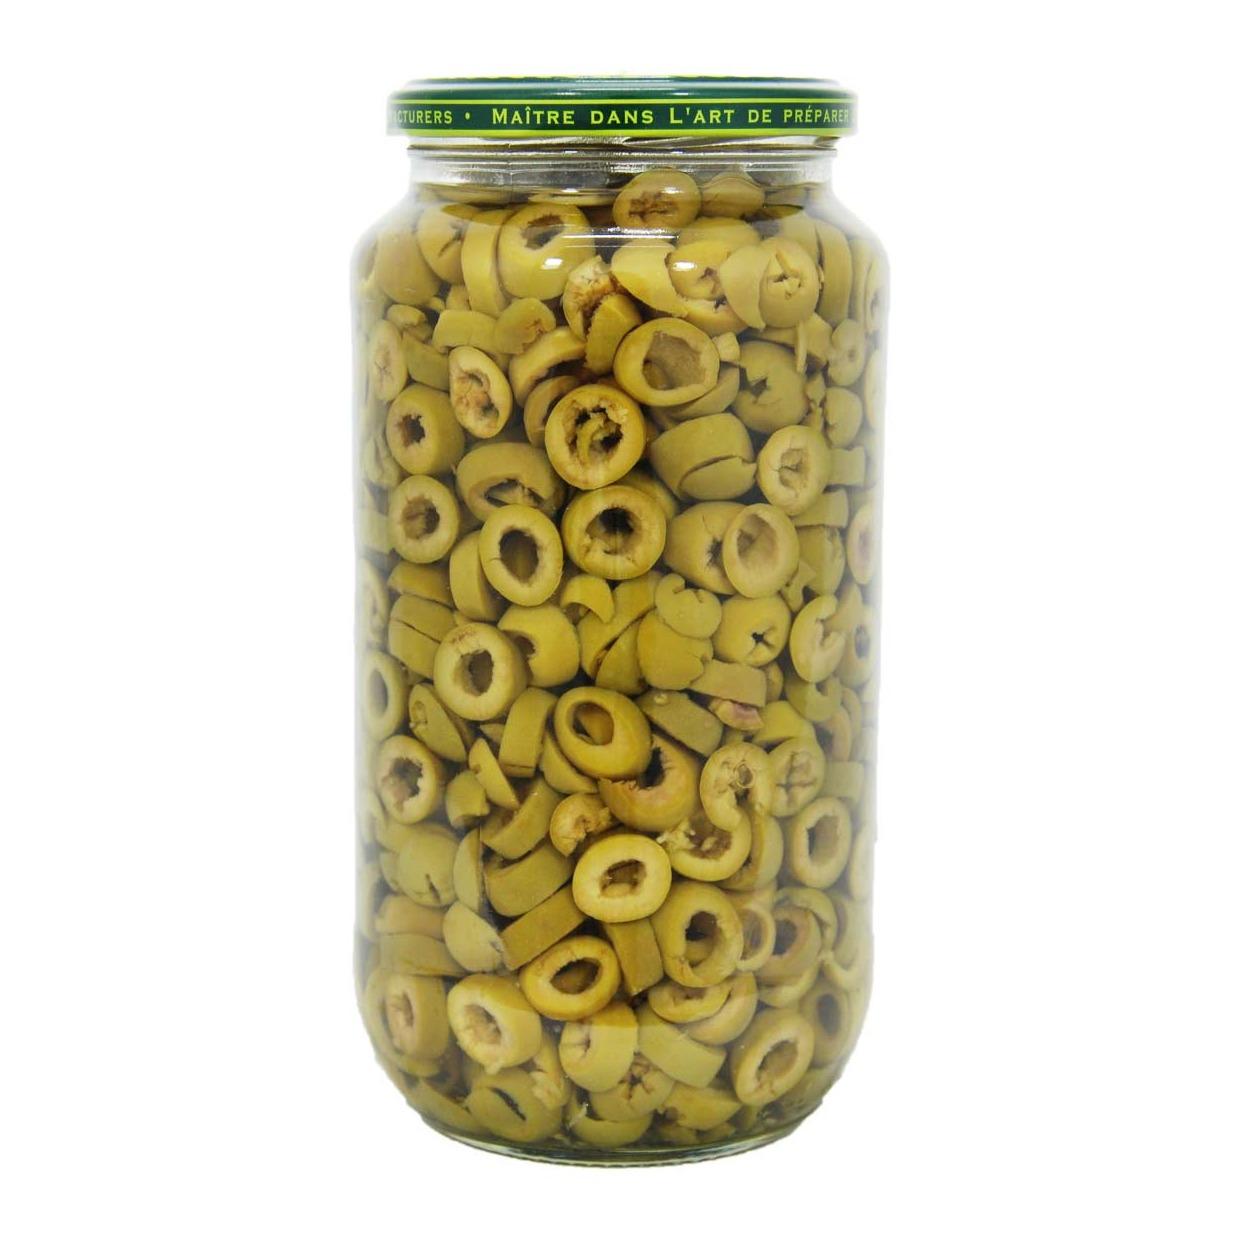 زیتون سبزحلقه شده سوپرویژه 750 گرمی ورمیو